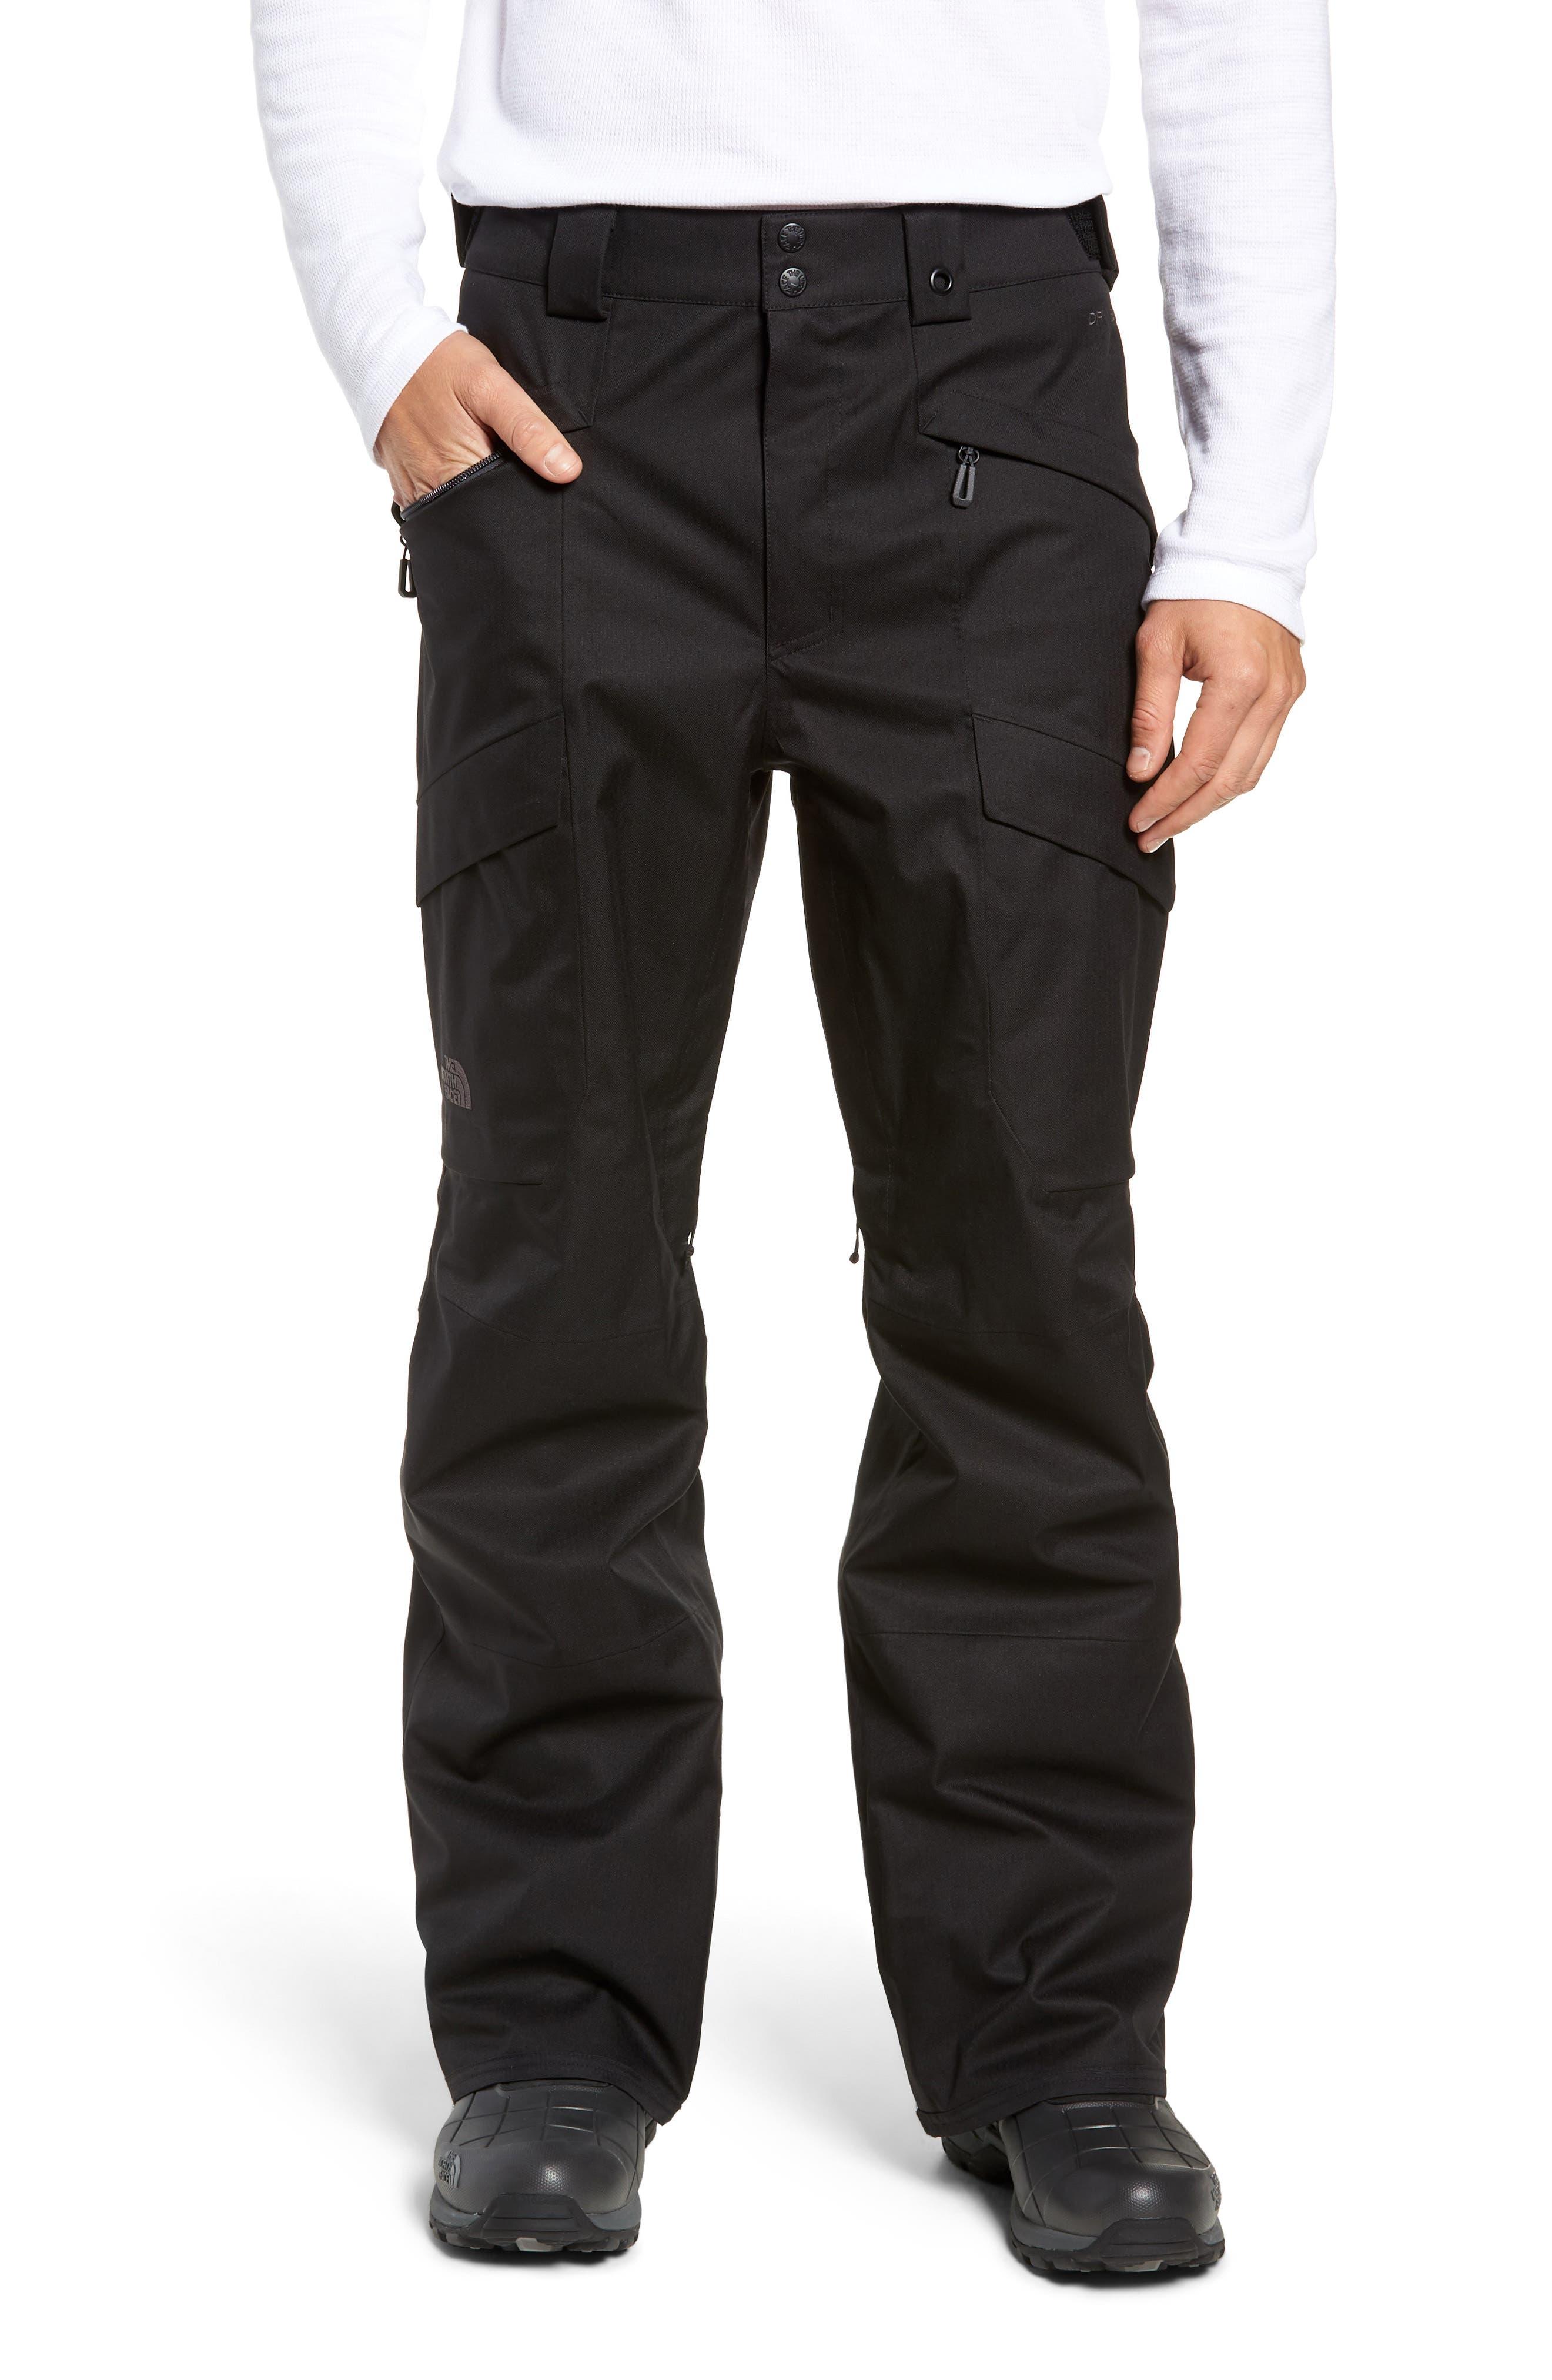 The North Face Gatekeeper Waterproof Pants Black